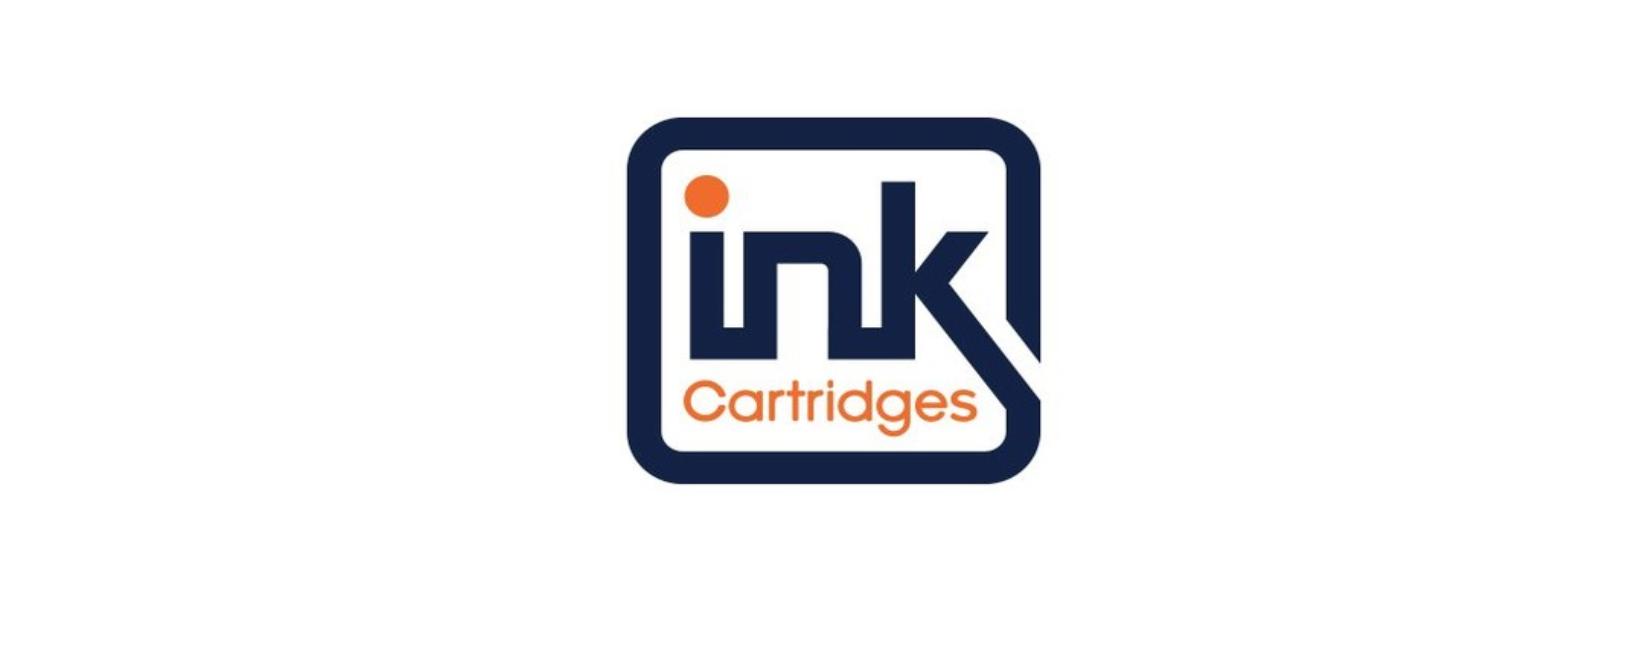 Inkcartridges Discount Code 2021